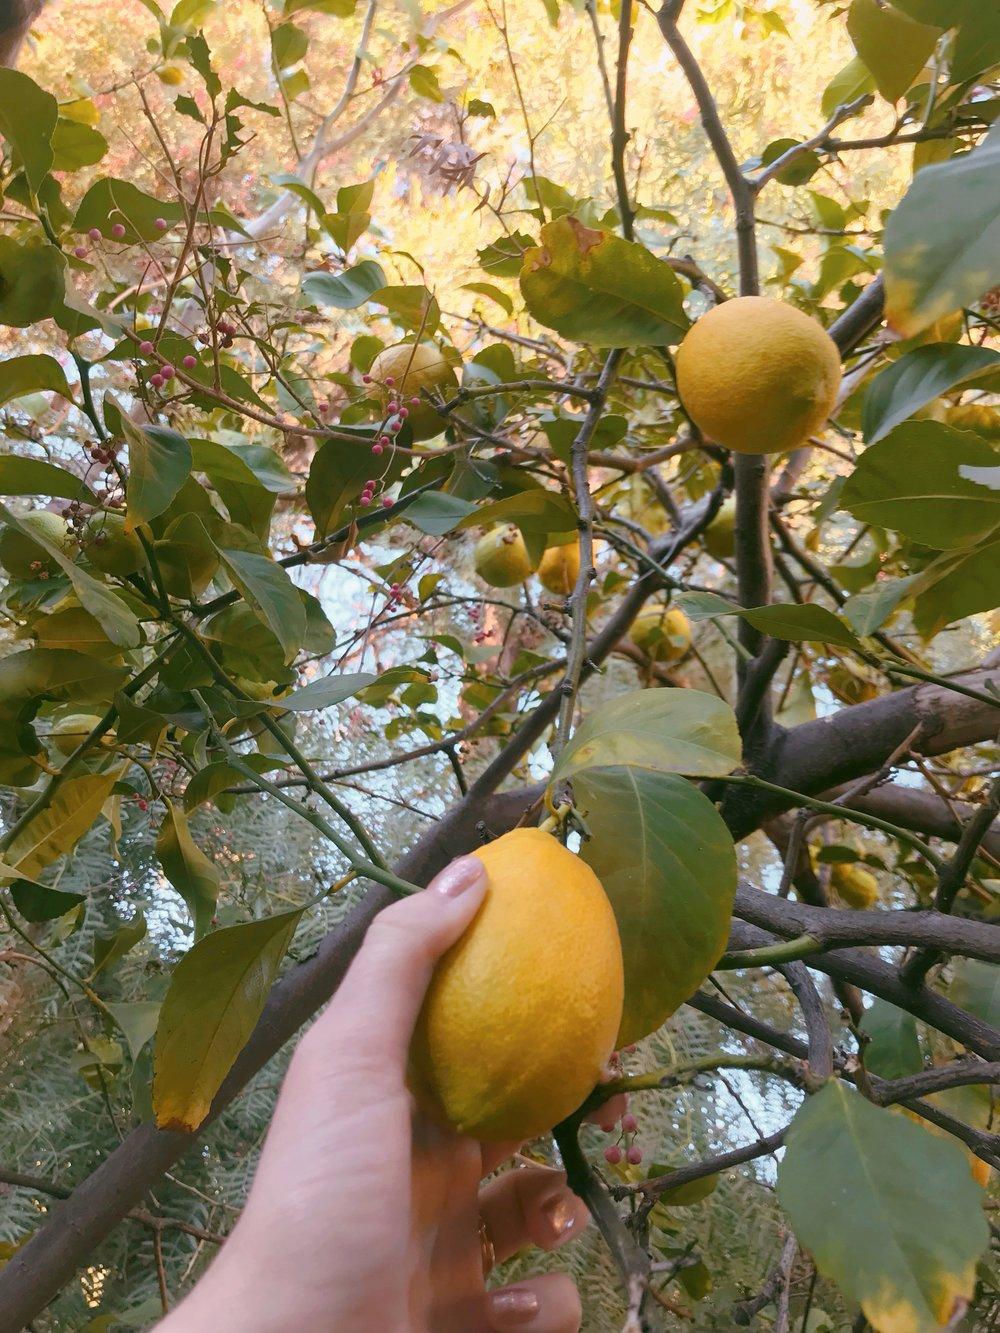 Picking_Lemons.JPG